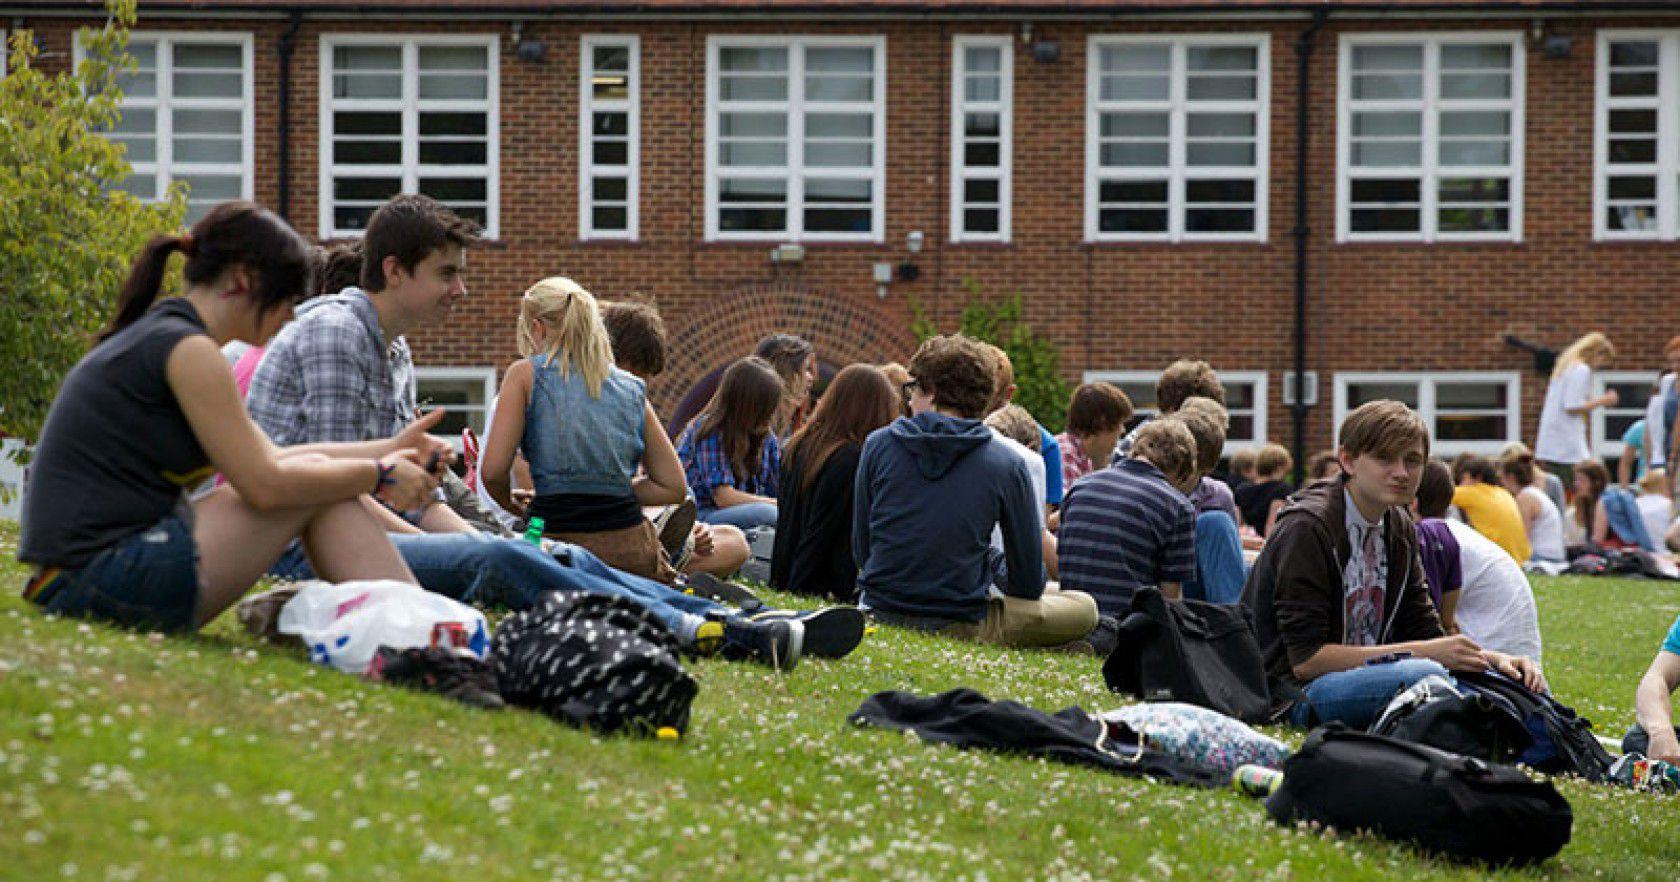 İngiltere'de Lise Okuyan Ünlüler Kimlerdir?